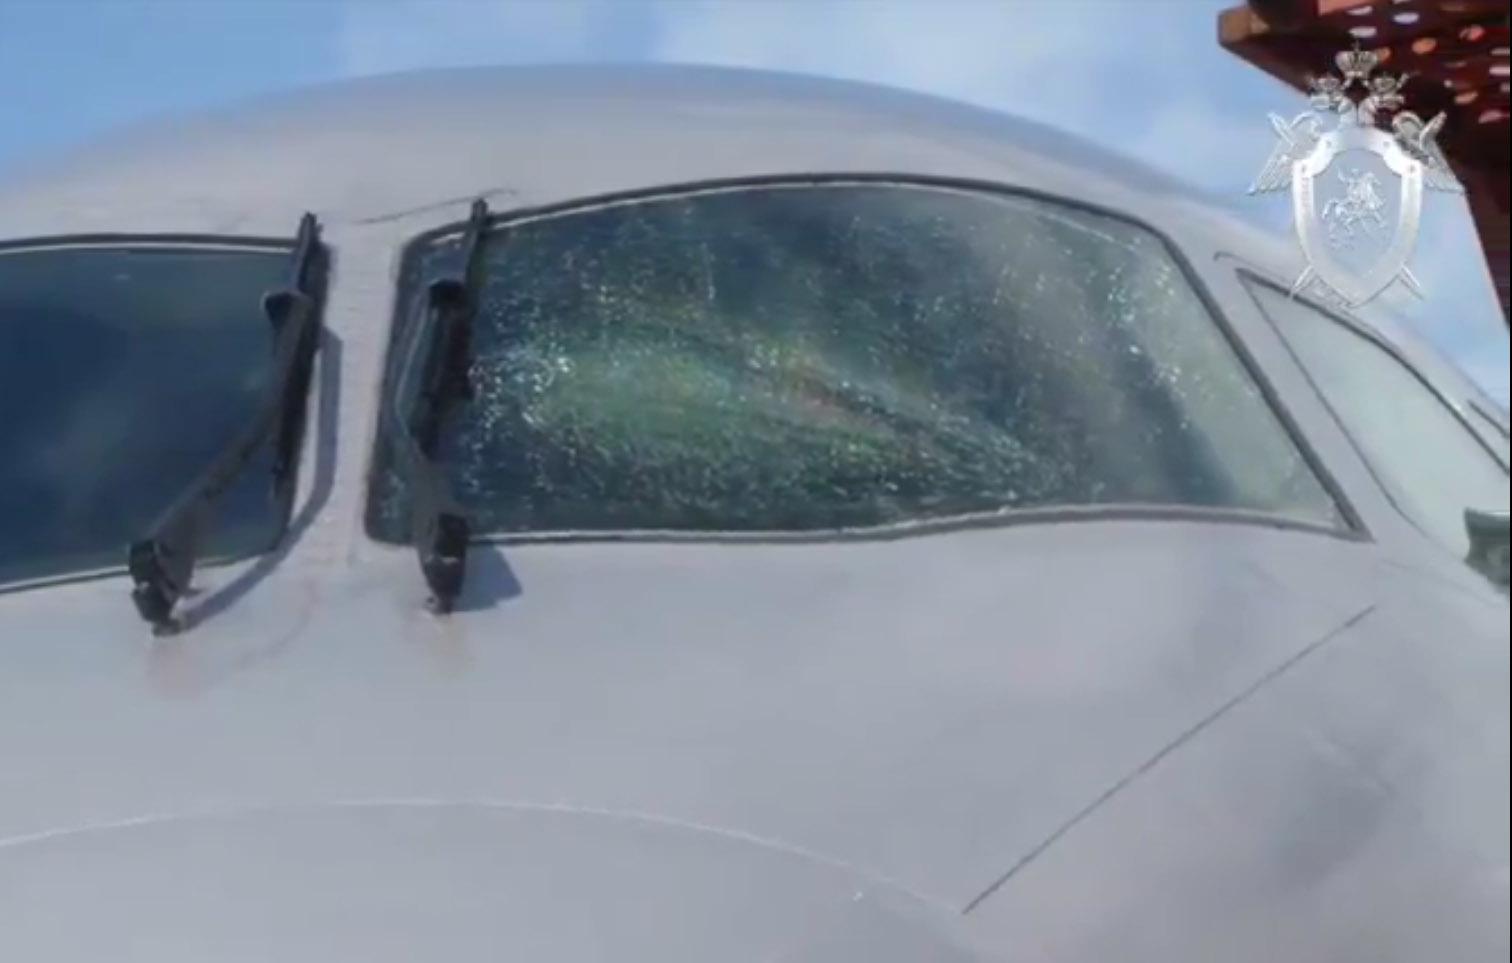 Следственный комитет показал стекло аварийно севшего в Шереметьево суперджета. Оно треснуло перед пилотом после взлёта